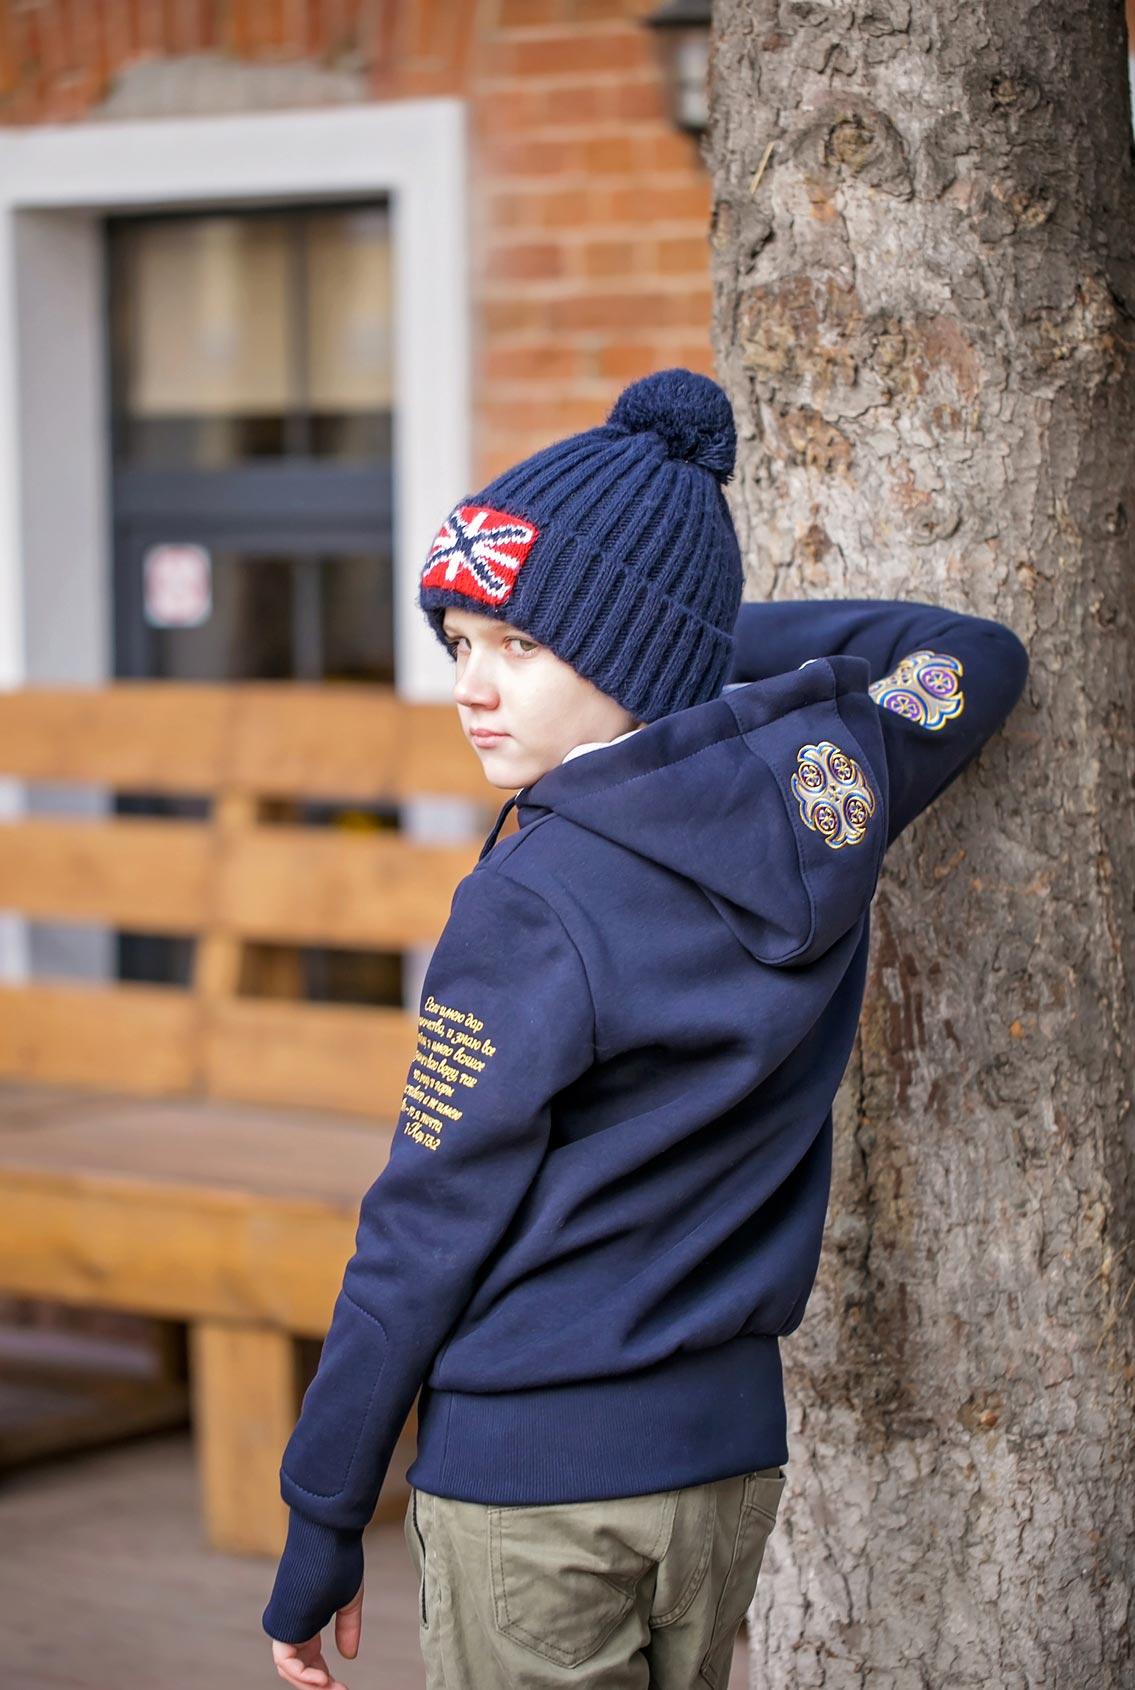 Военно-морская символика на одежде, Naval symbols on clothes